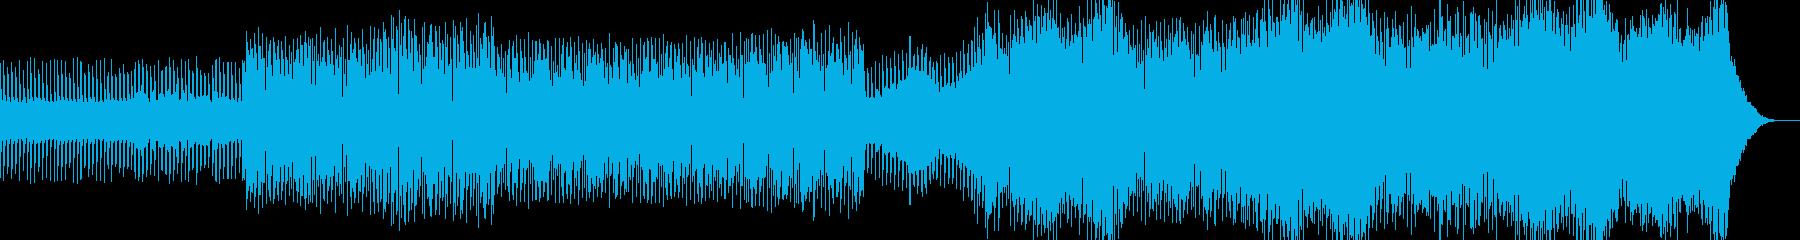 悲しく幻想的なヒーリング系テクノの再生済みの波形